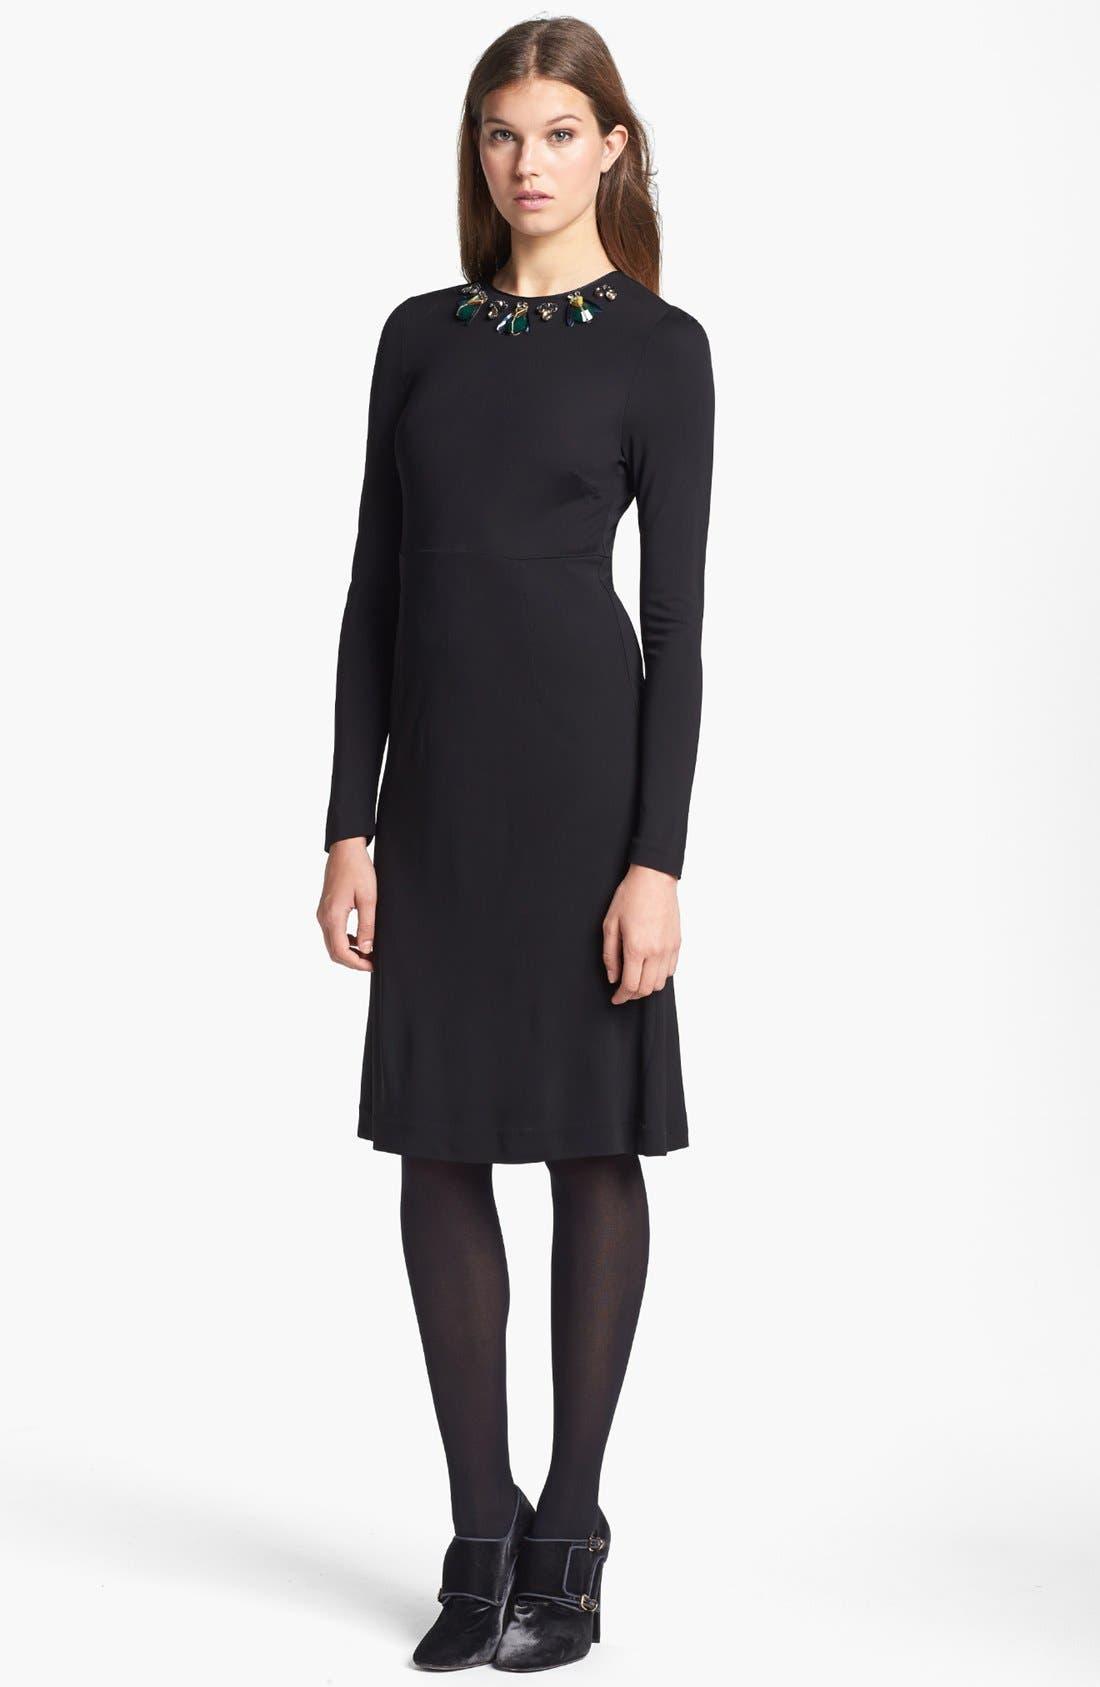 Main Image - Tory Burch 'Deena' Embellished A-Line Dress